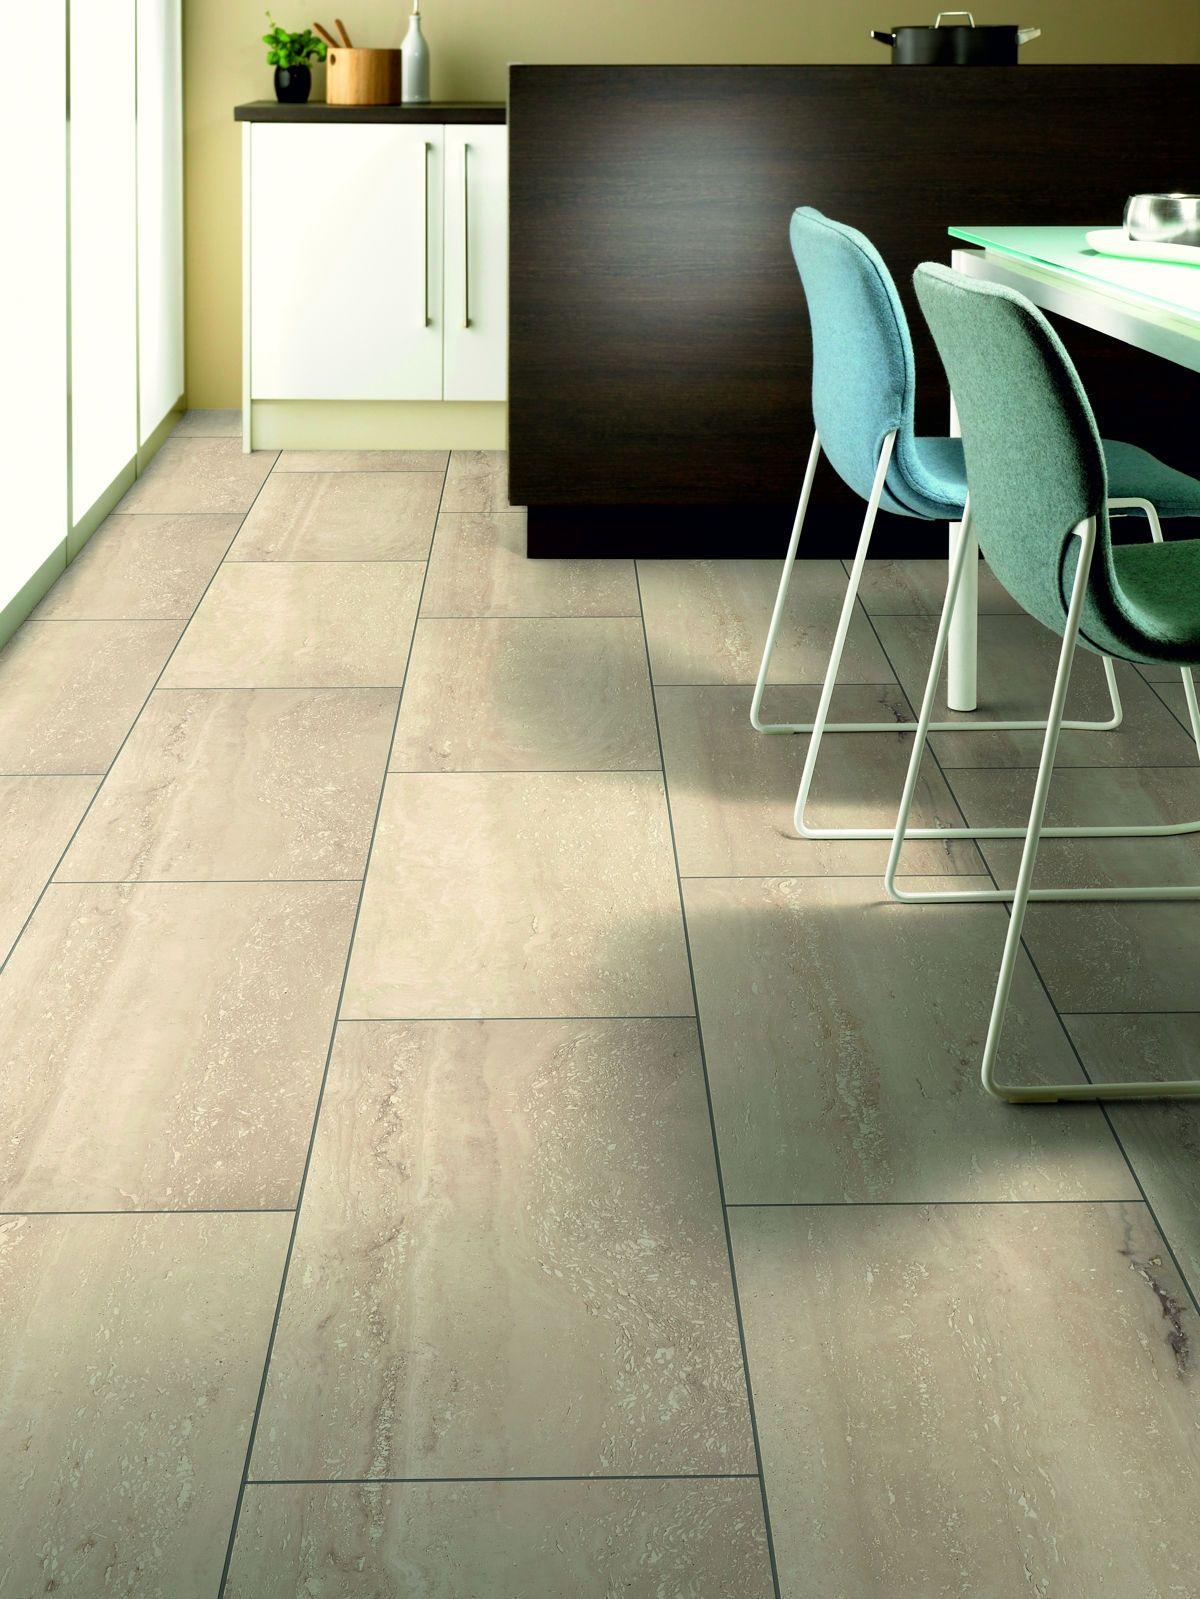 Laminate Flooring Looks Like Slate Tile Httpnextsoft21